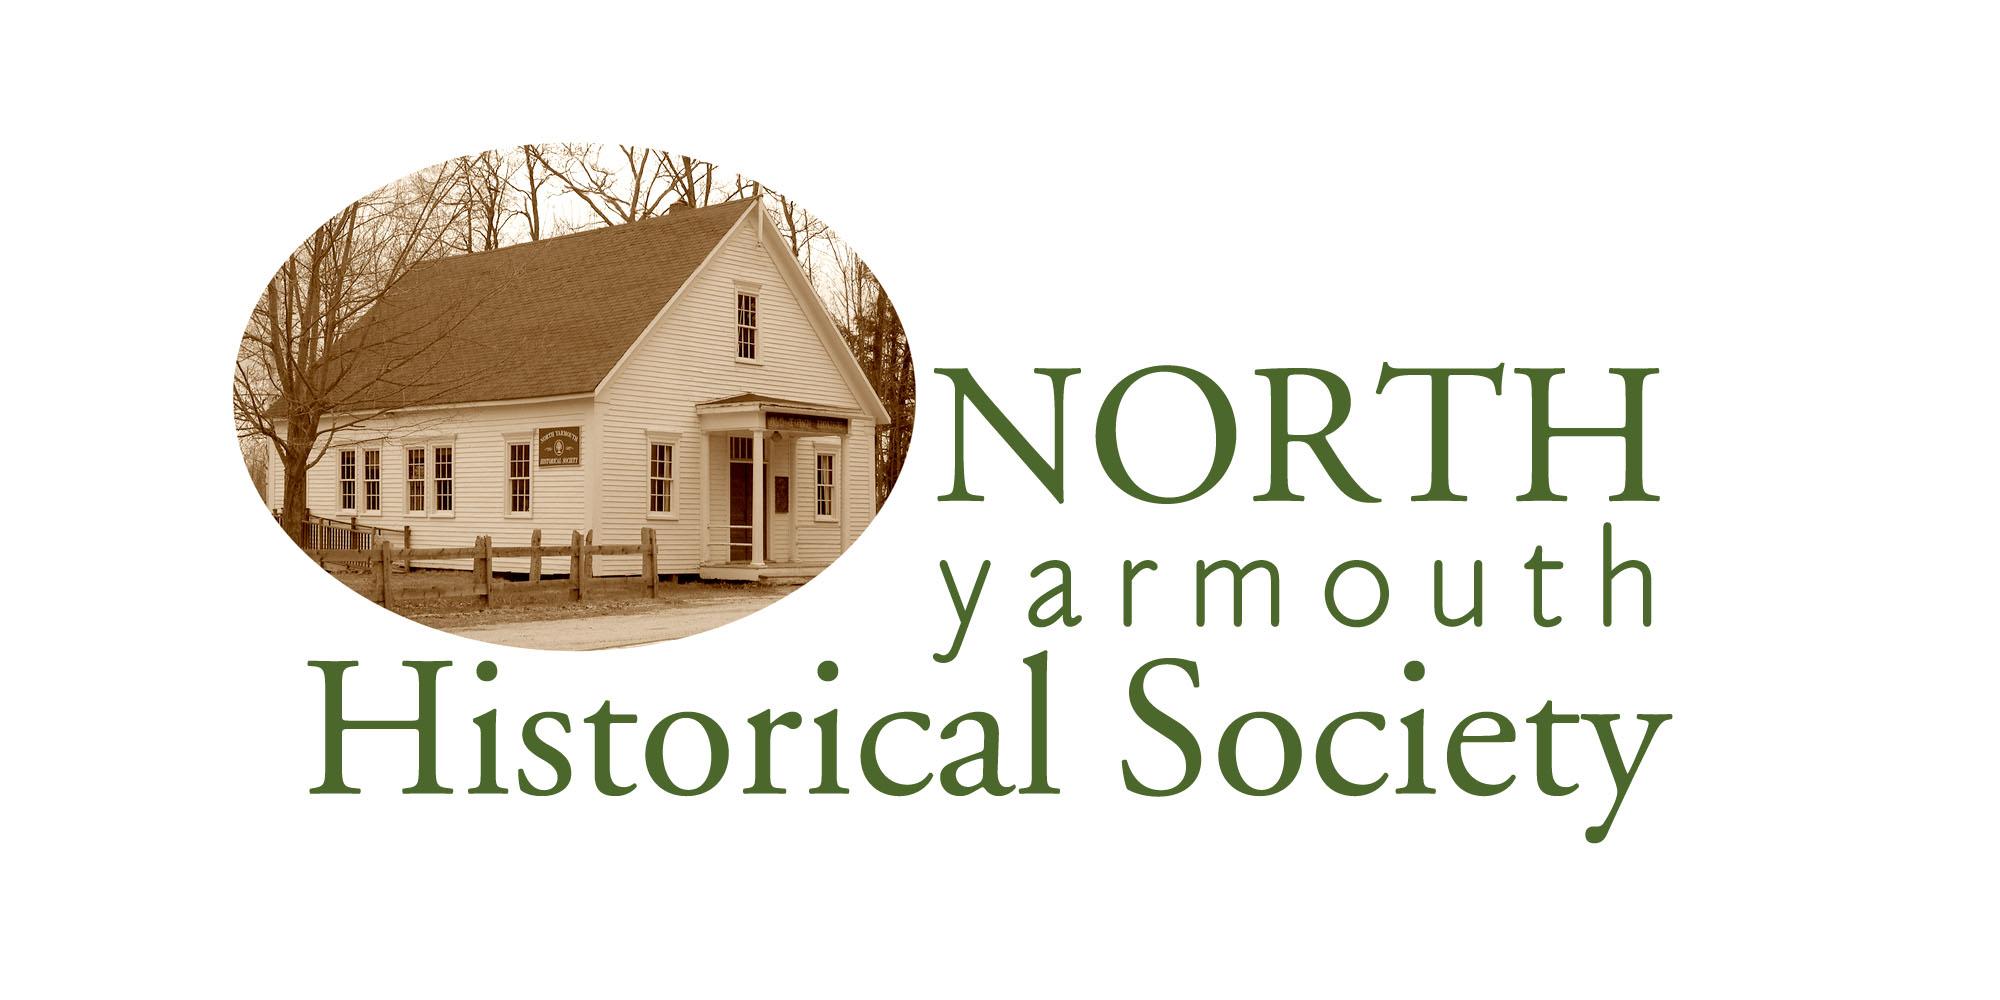 North Yarmouth Historical Society